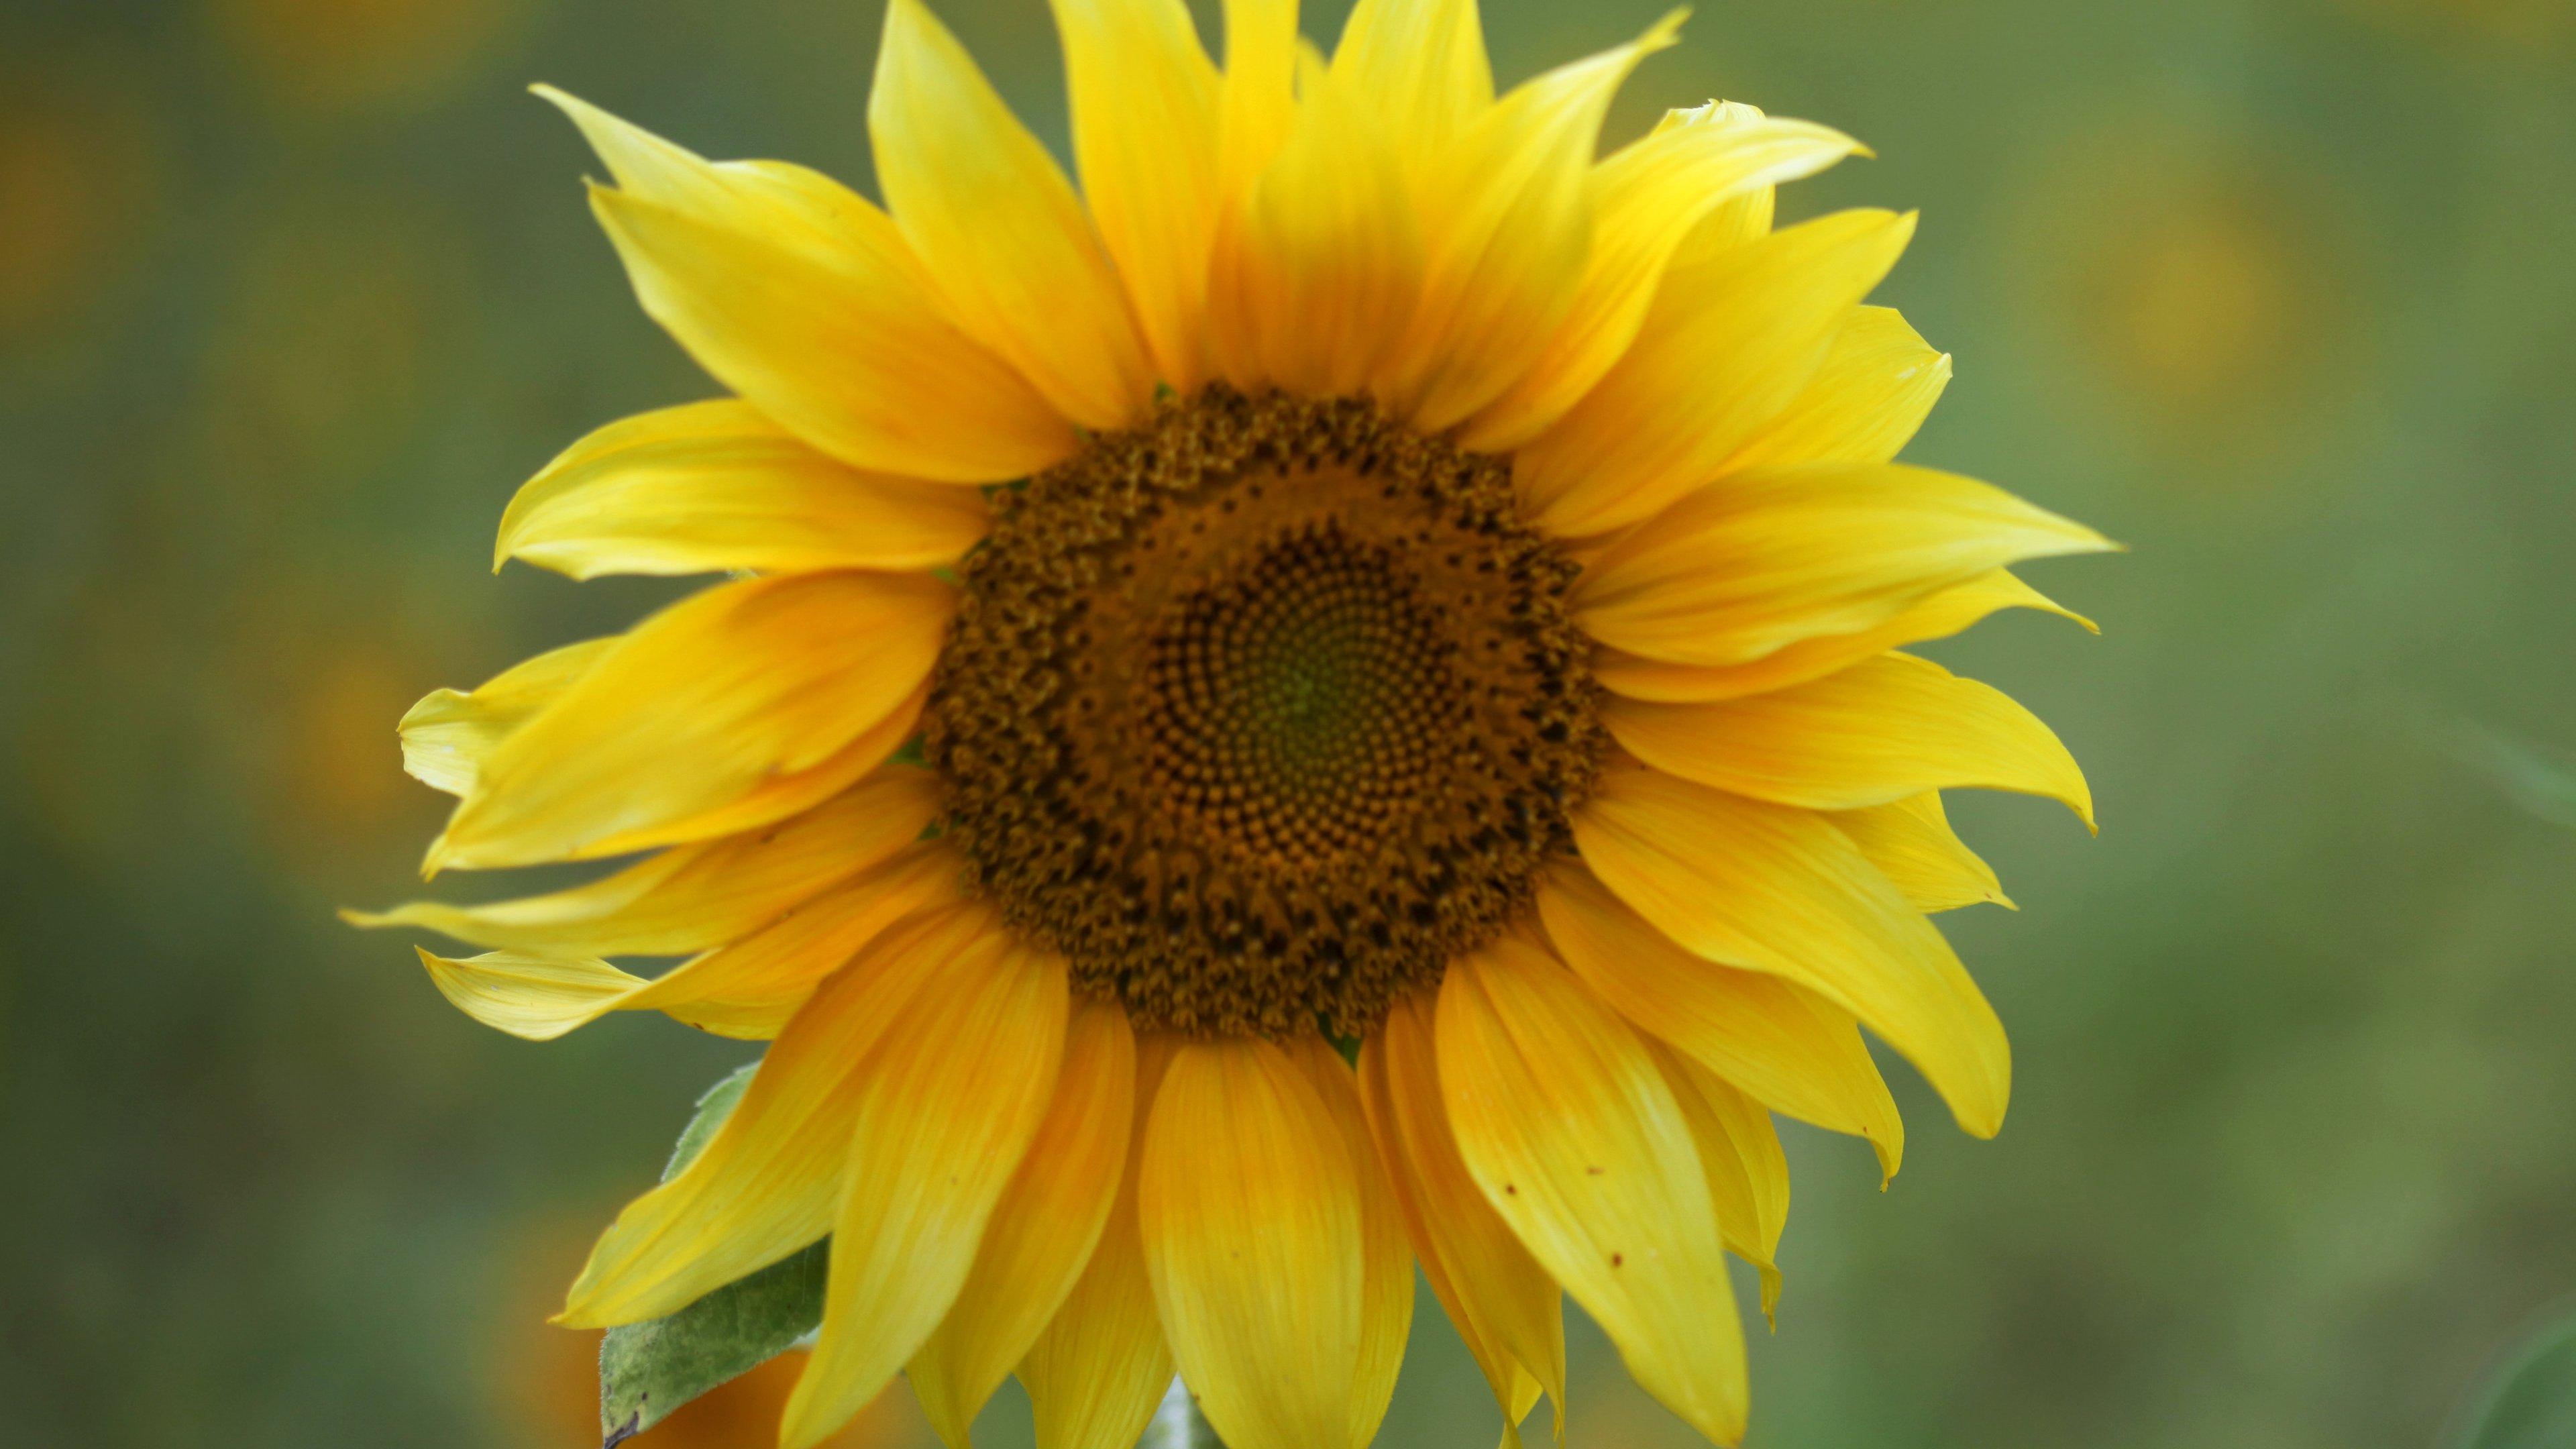 Sunflowers Wallpaper for Mobile Phone Wallpaper